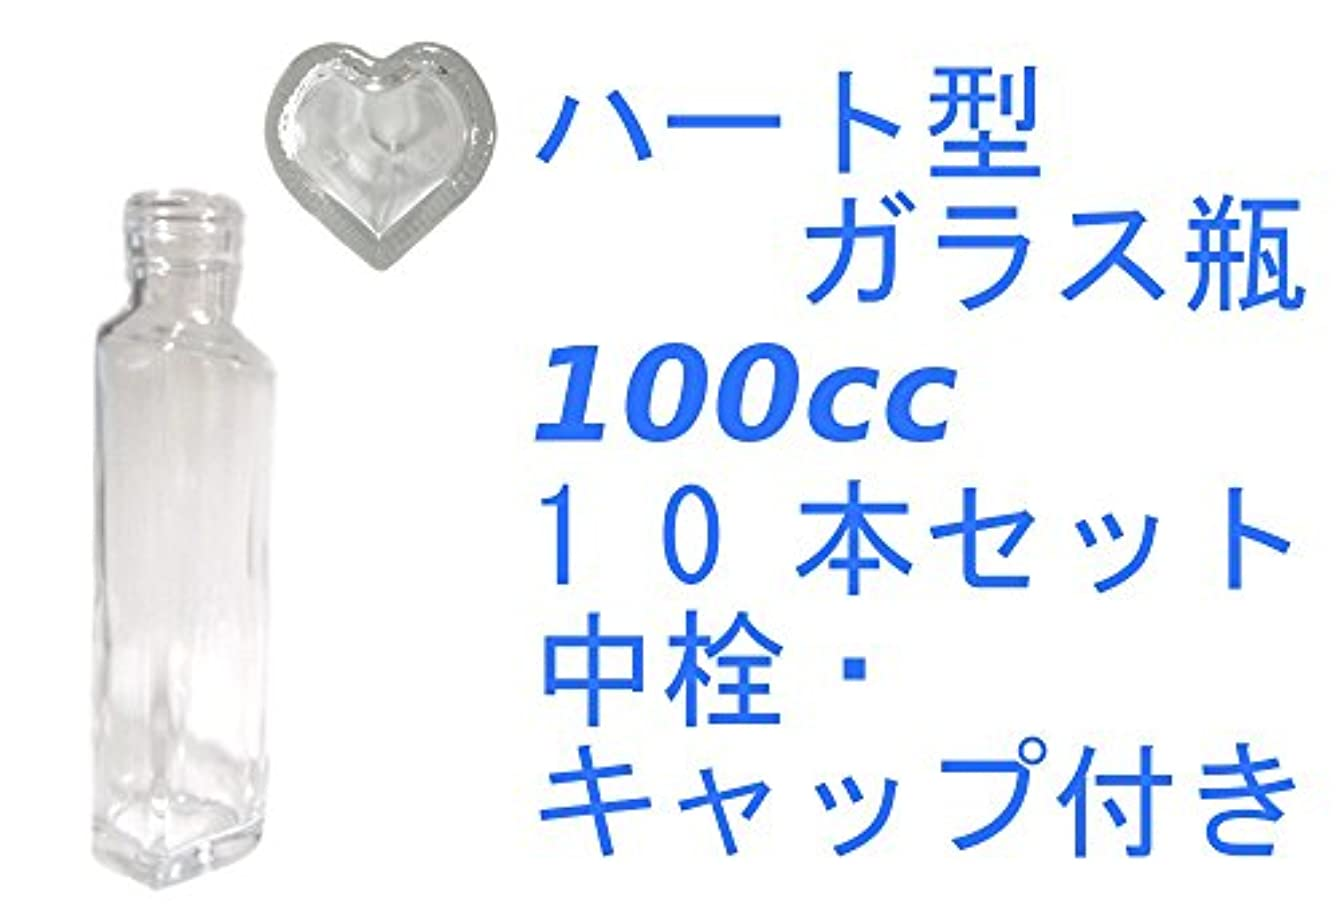 キャンセル請願者等価(ジャストユーズ) JustU's 日本製 ポリ栓 中栓付きハート型ガラス瓶 10本セット 100cc 100ml アロマディフューザー ハーバリウム 調味料 オイル タレ ドレッシング瓶 B10-SSH100A-A